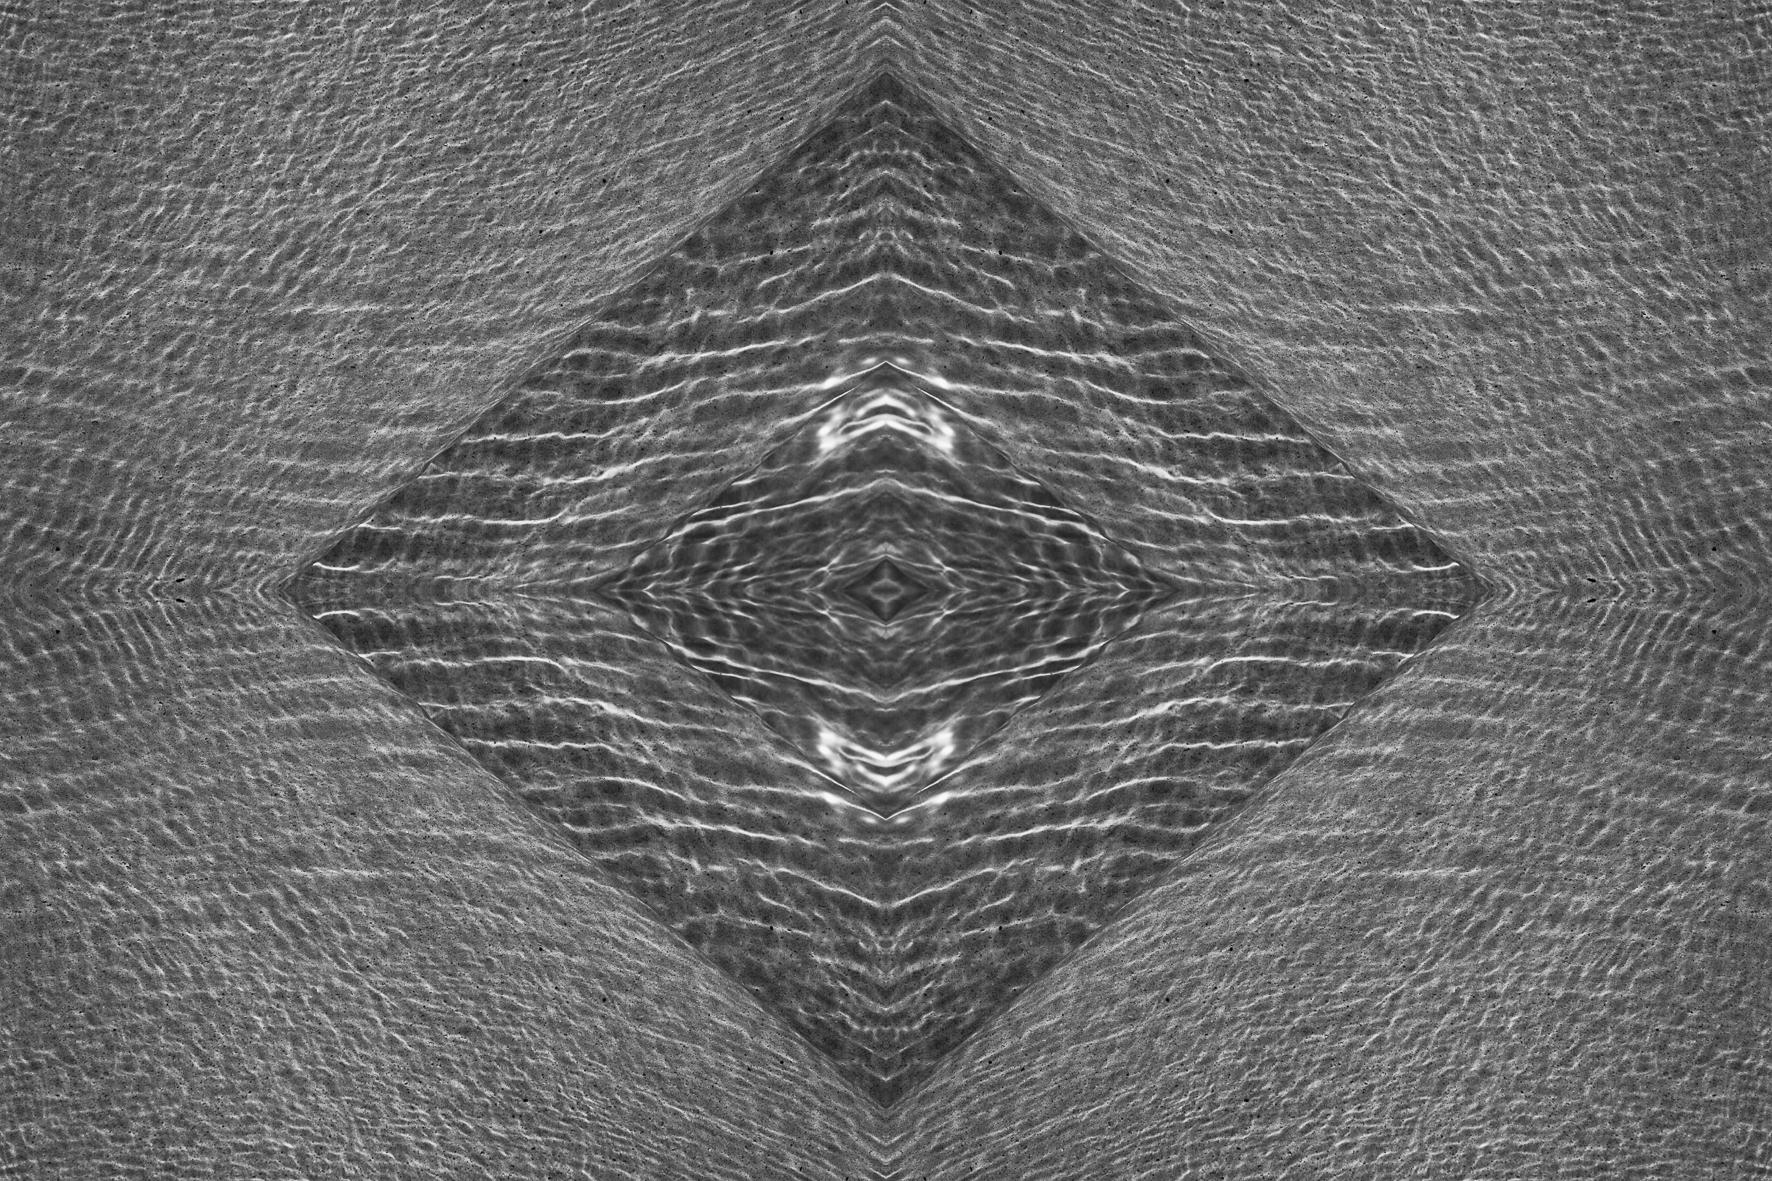 04_MG_8861-1-1.jpg